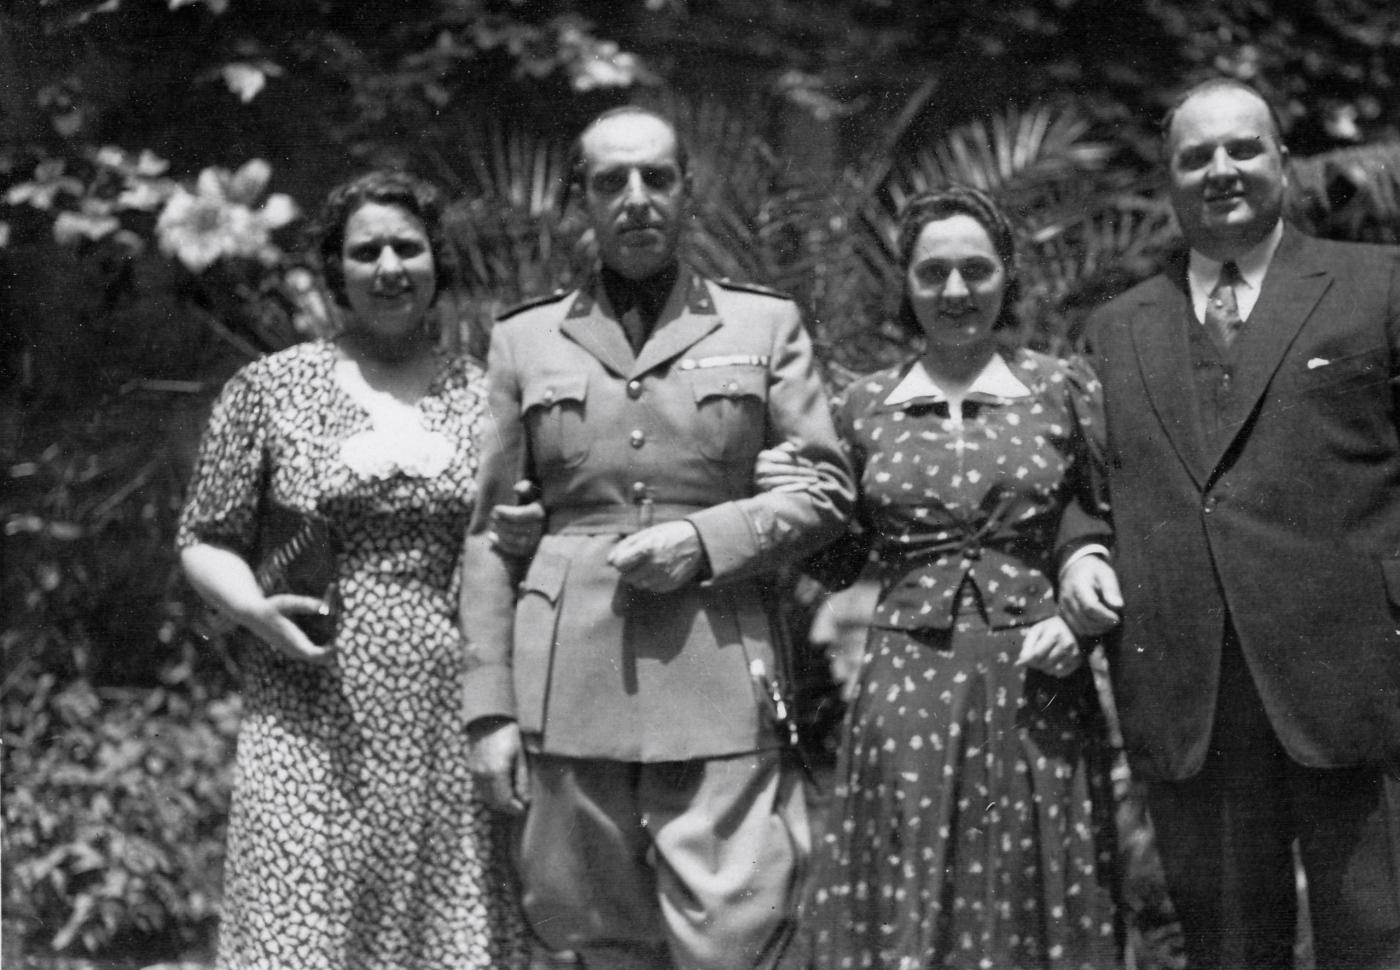 11 June 1939, near Napoli